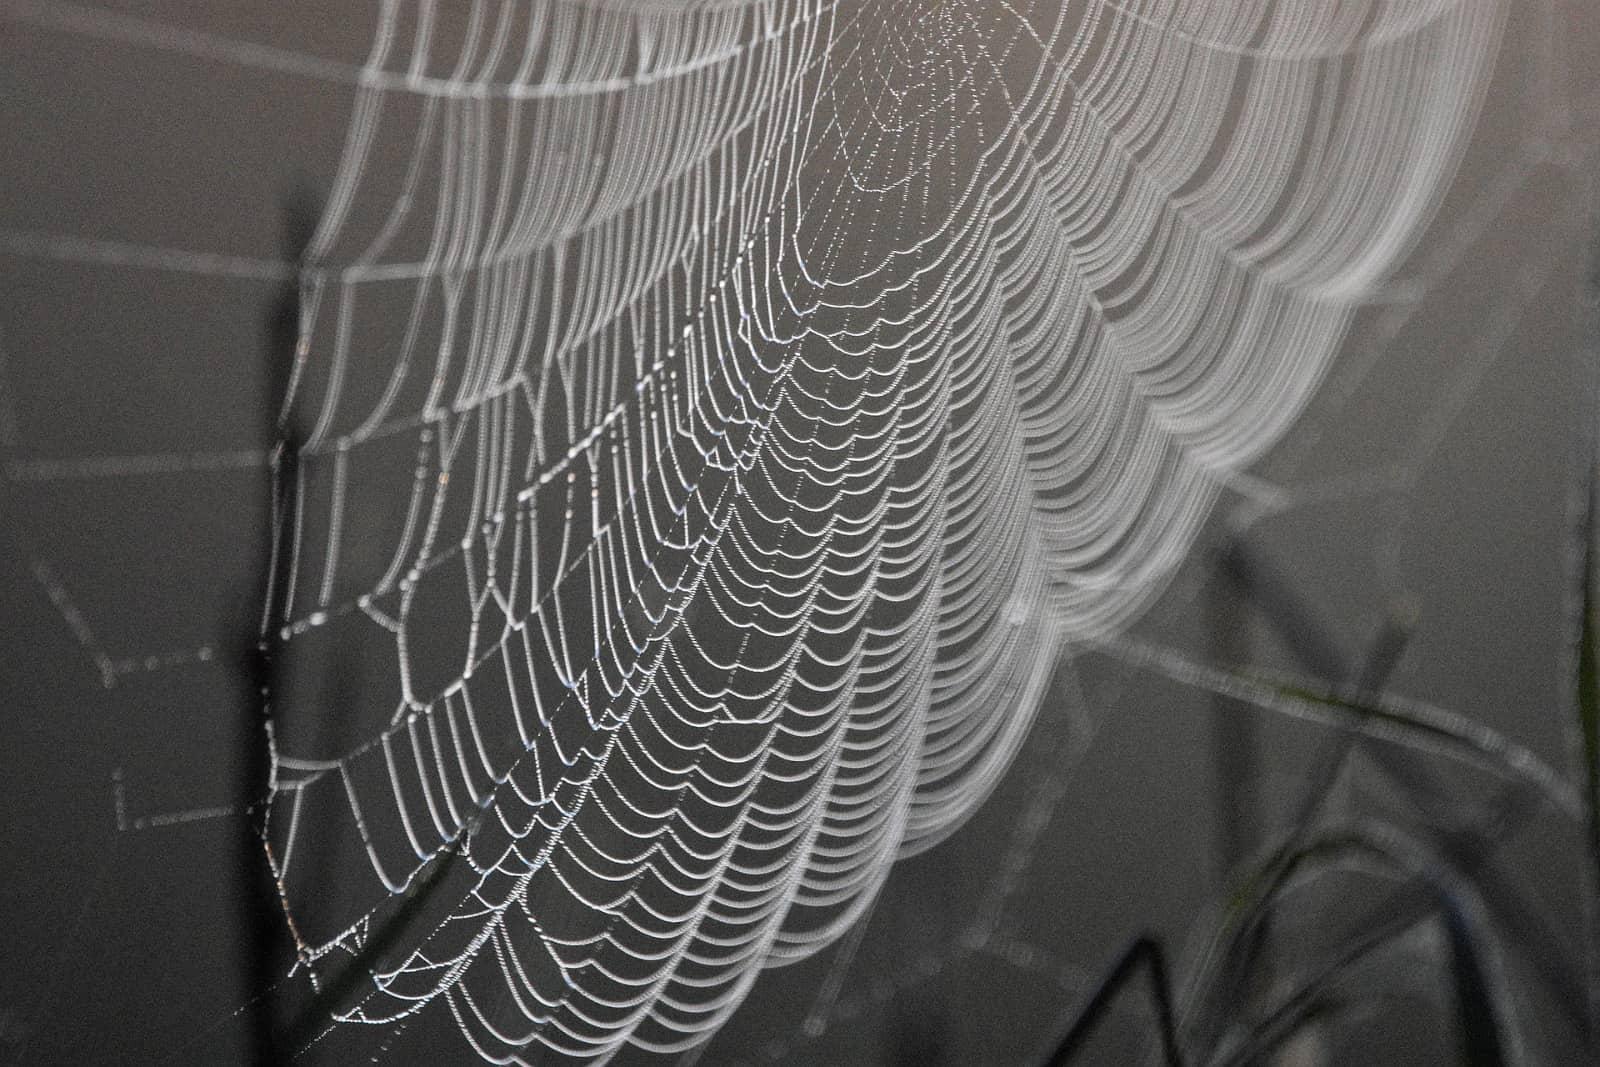 spinnenweb tegen bruine achtegrond